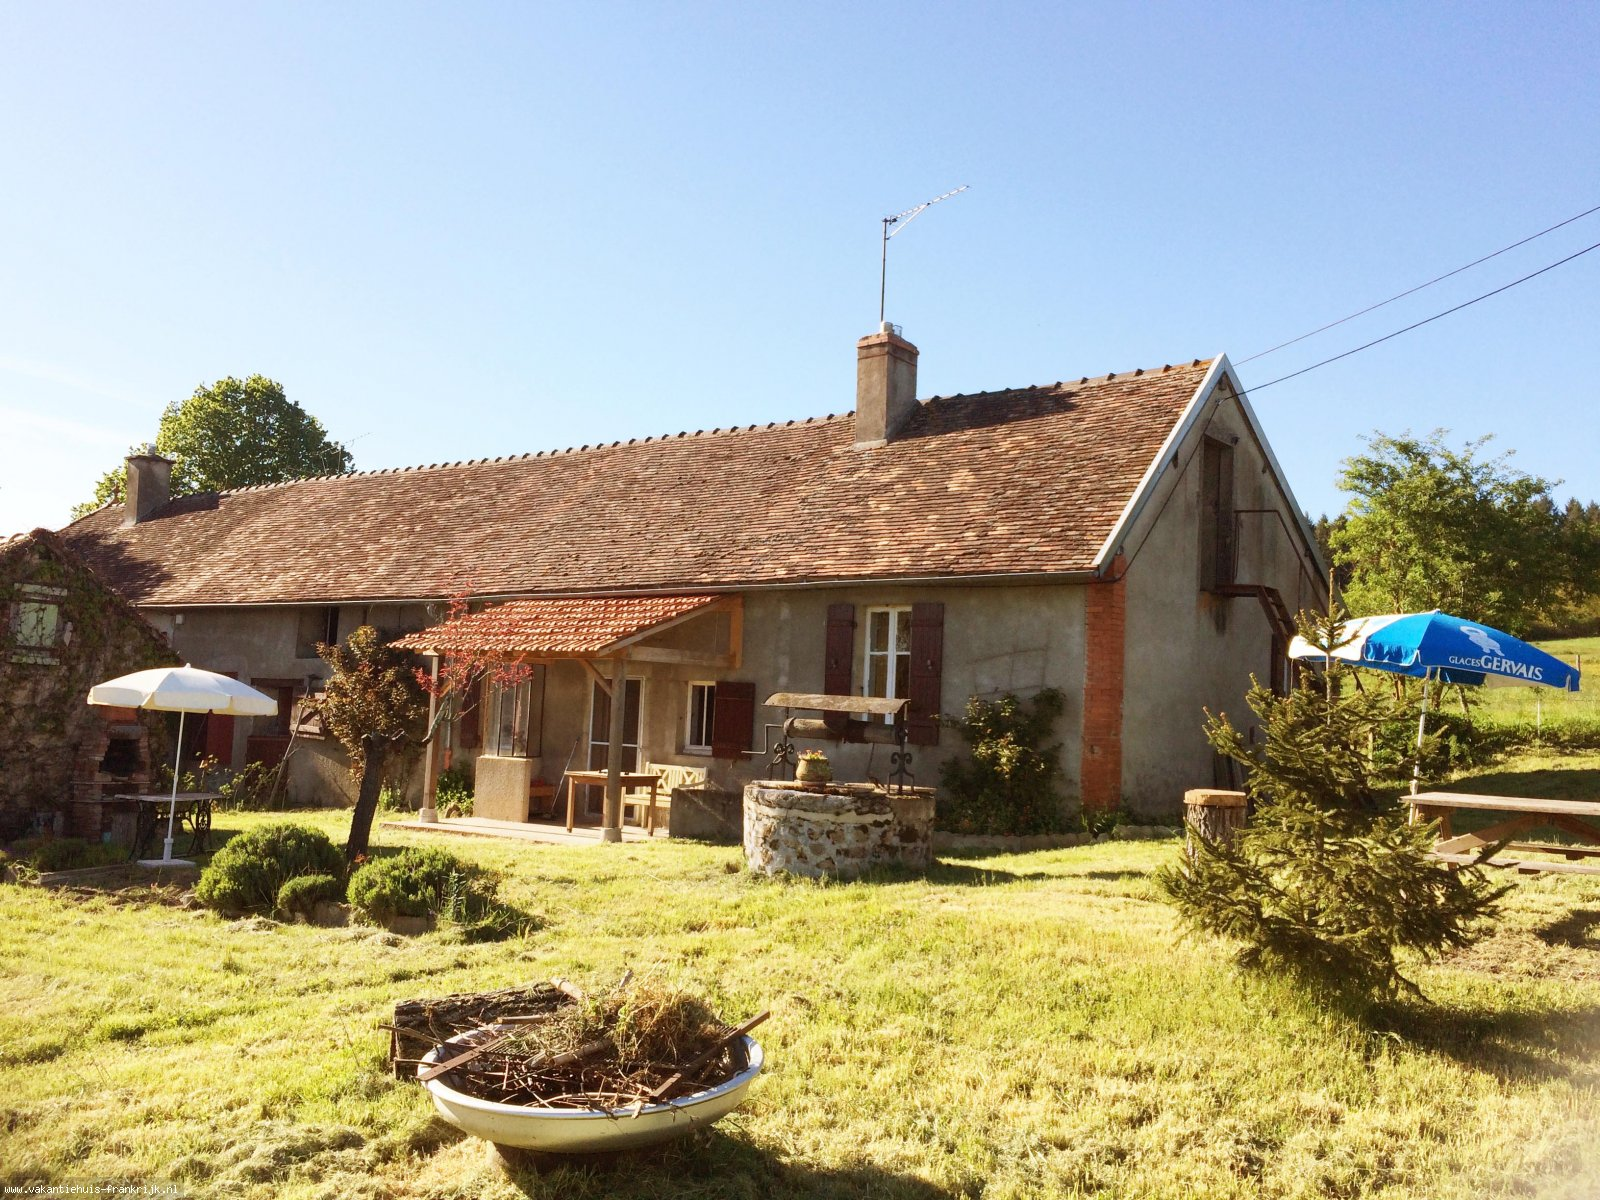 Vakantiehuis: Genieten van het Bourgondische buitenleven in ons landelijk gelegen vakantiehuis te huur voor uw vakantie in Saone et Loire (Frankrijk)